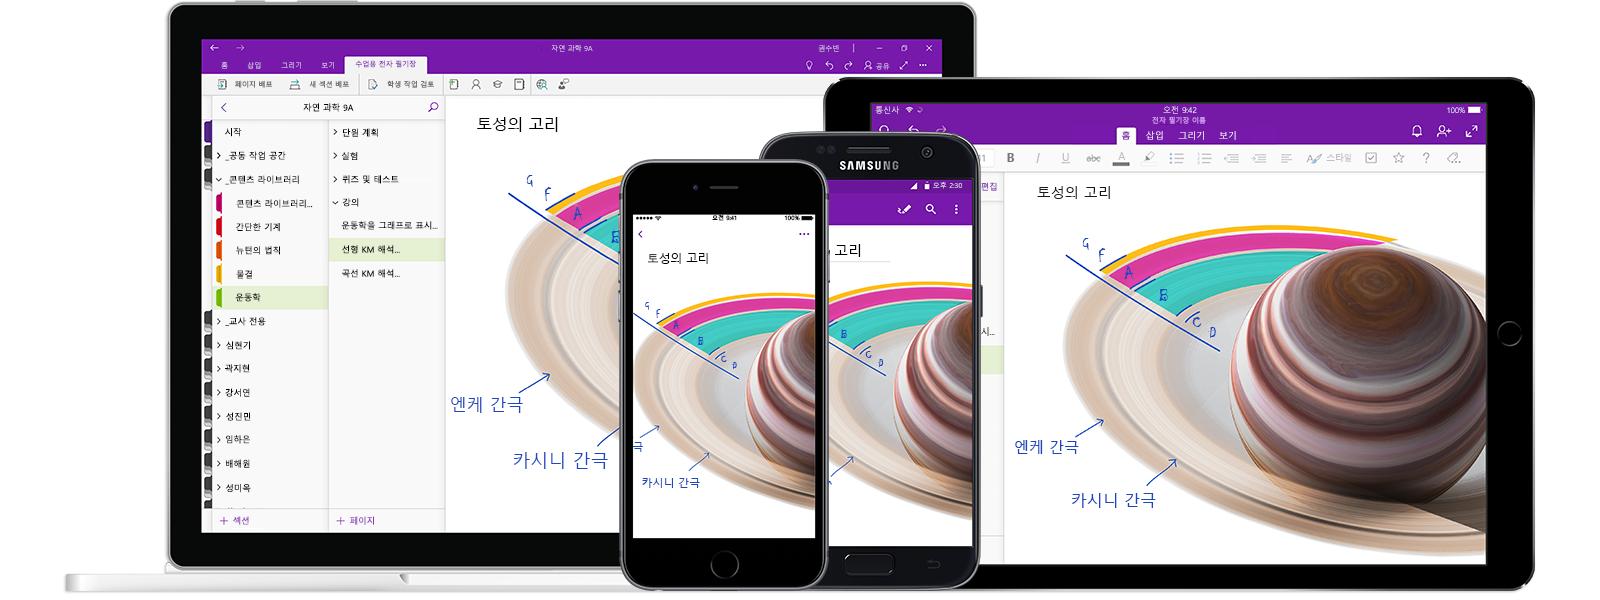 2대의 스마트폰과 2대의 태블릿 컴퓨터에 선 그래프에 대한 단원이 표시된, Physical Science 9A라는 OneNote 전자 필기장